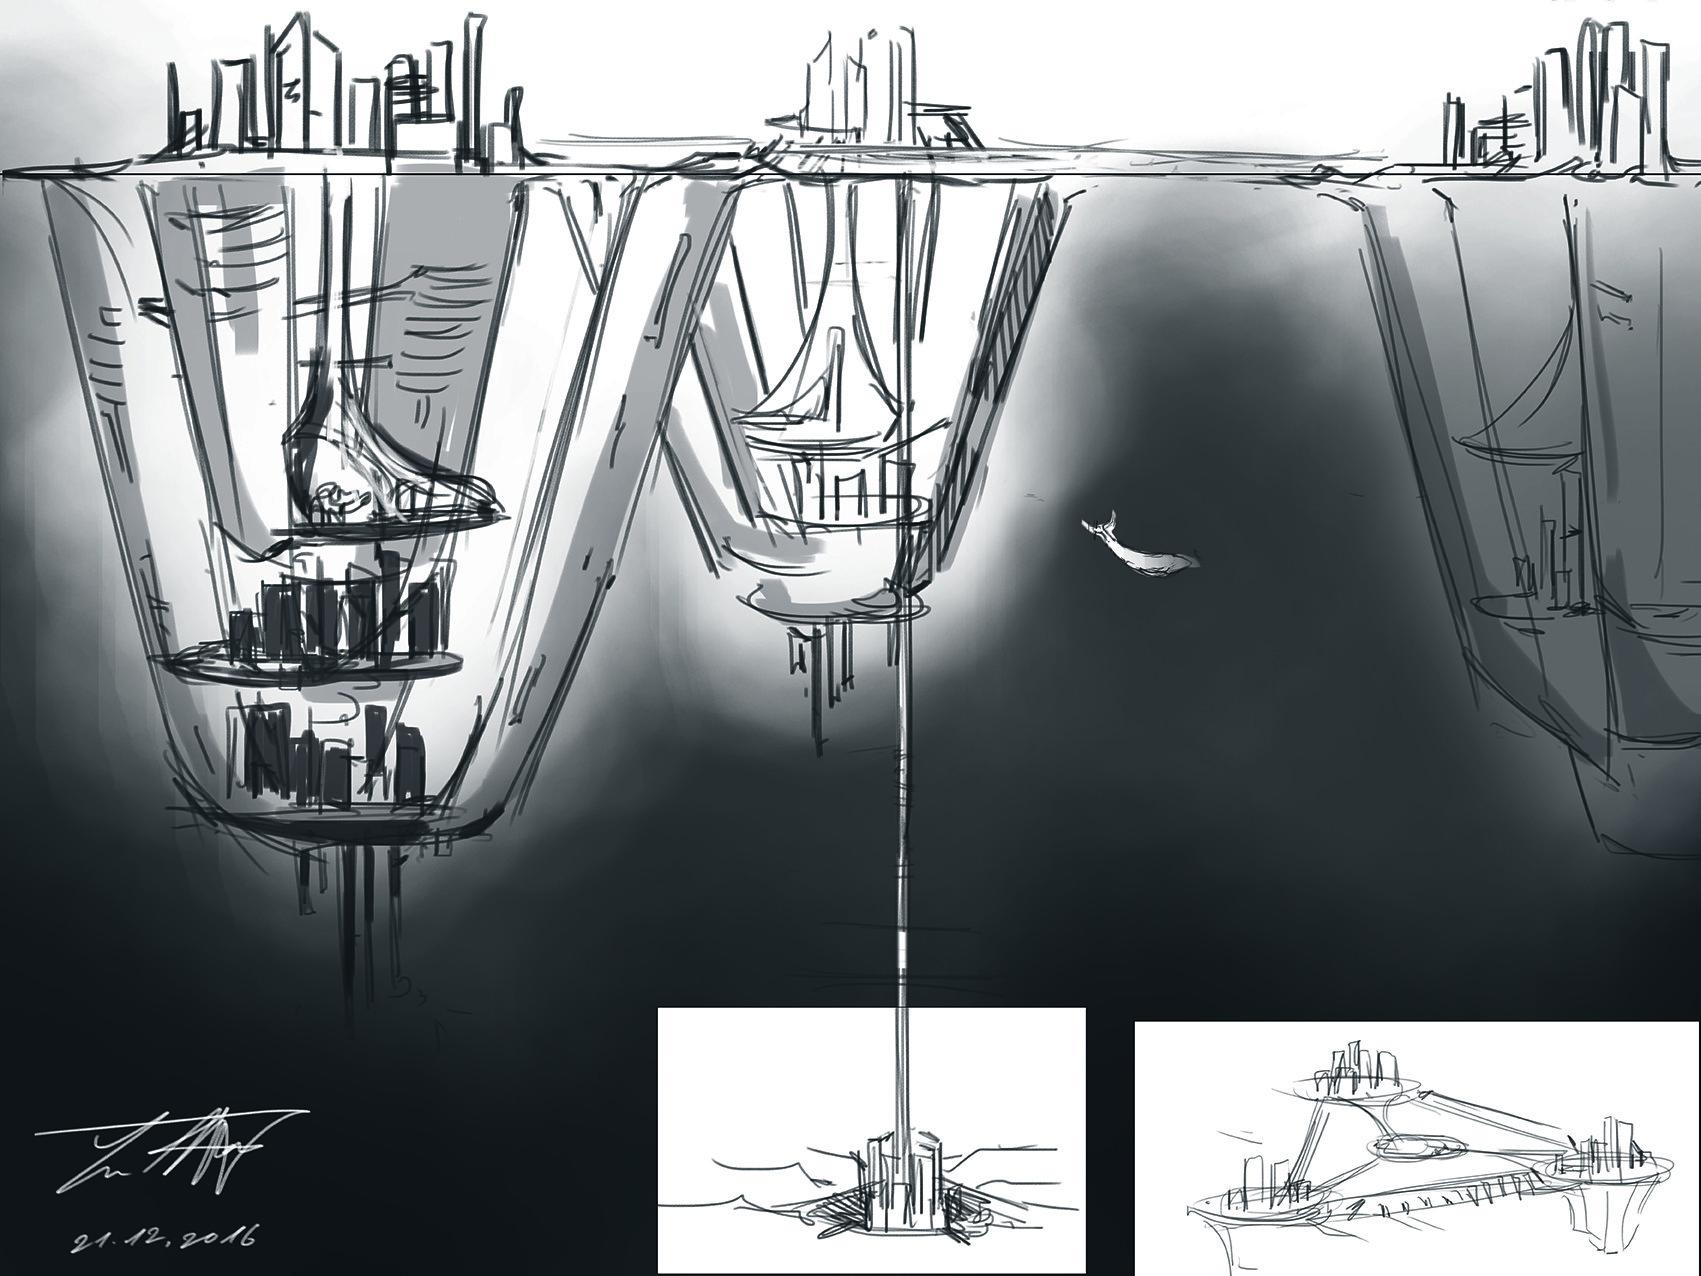 Yun nam 16 12 21 underwater city